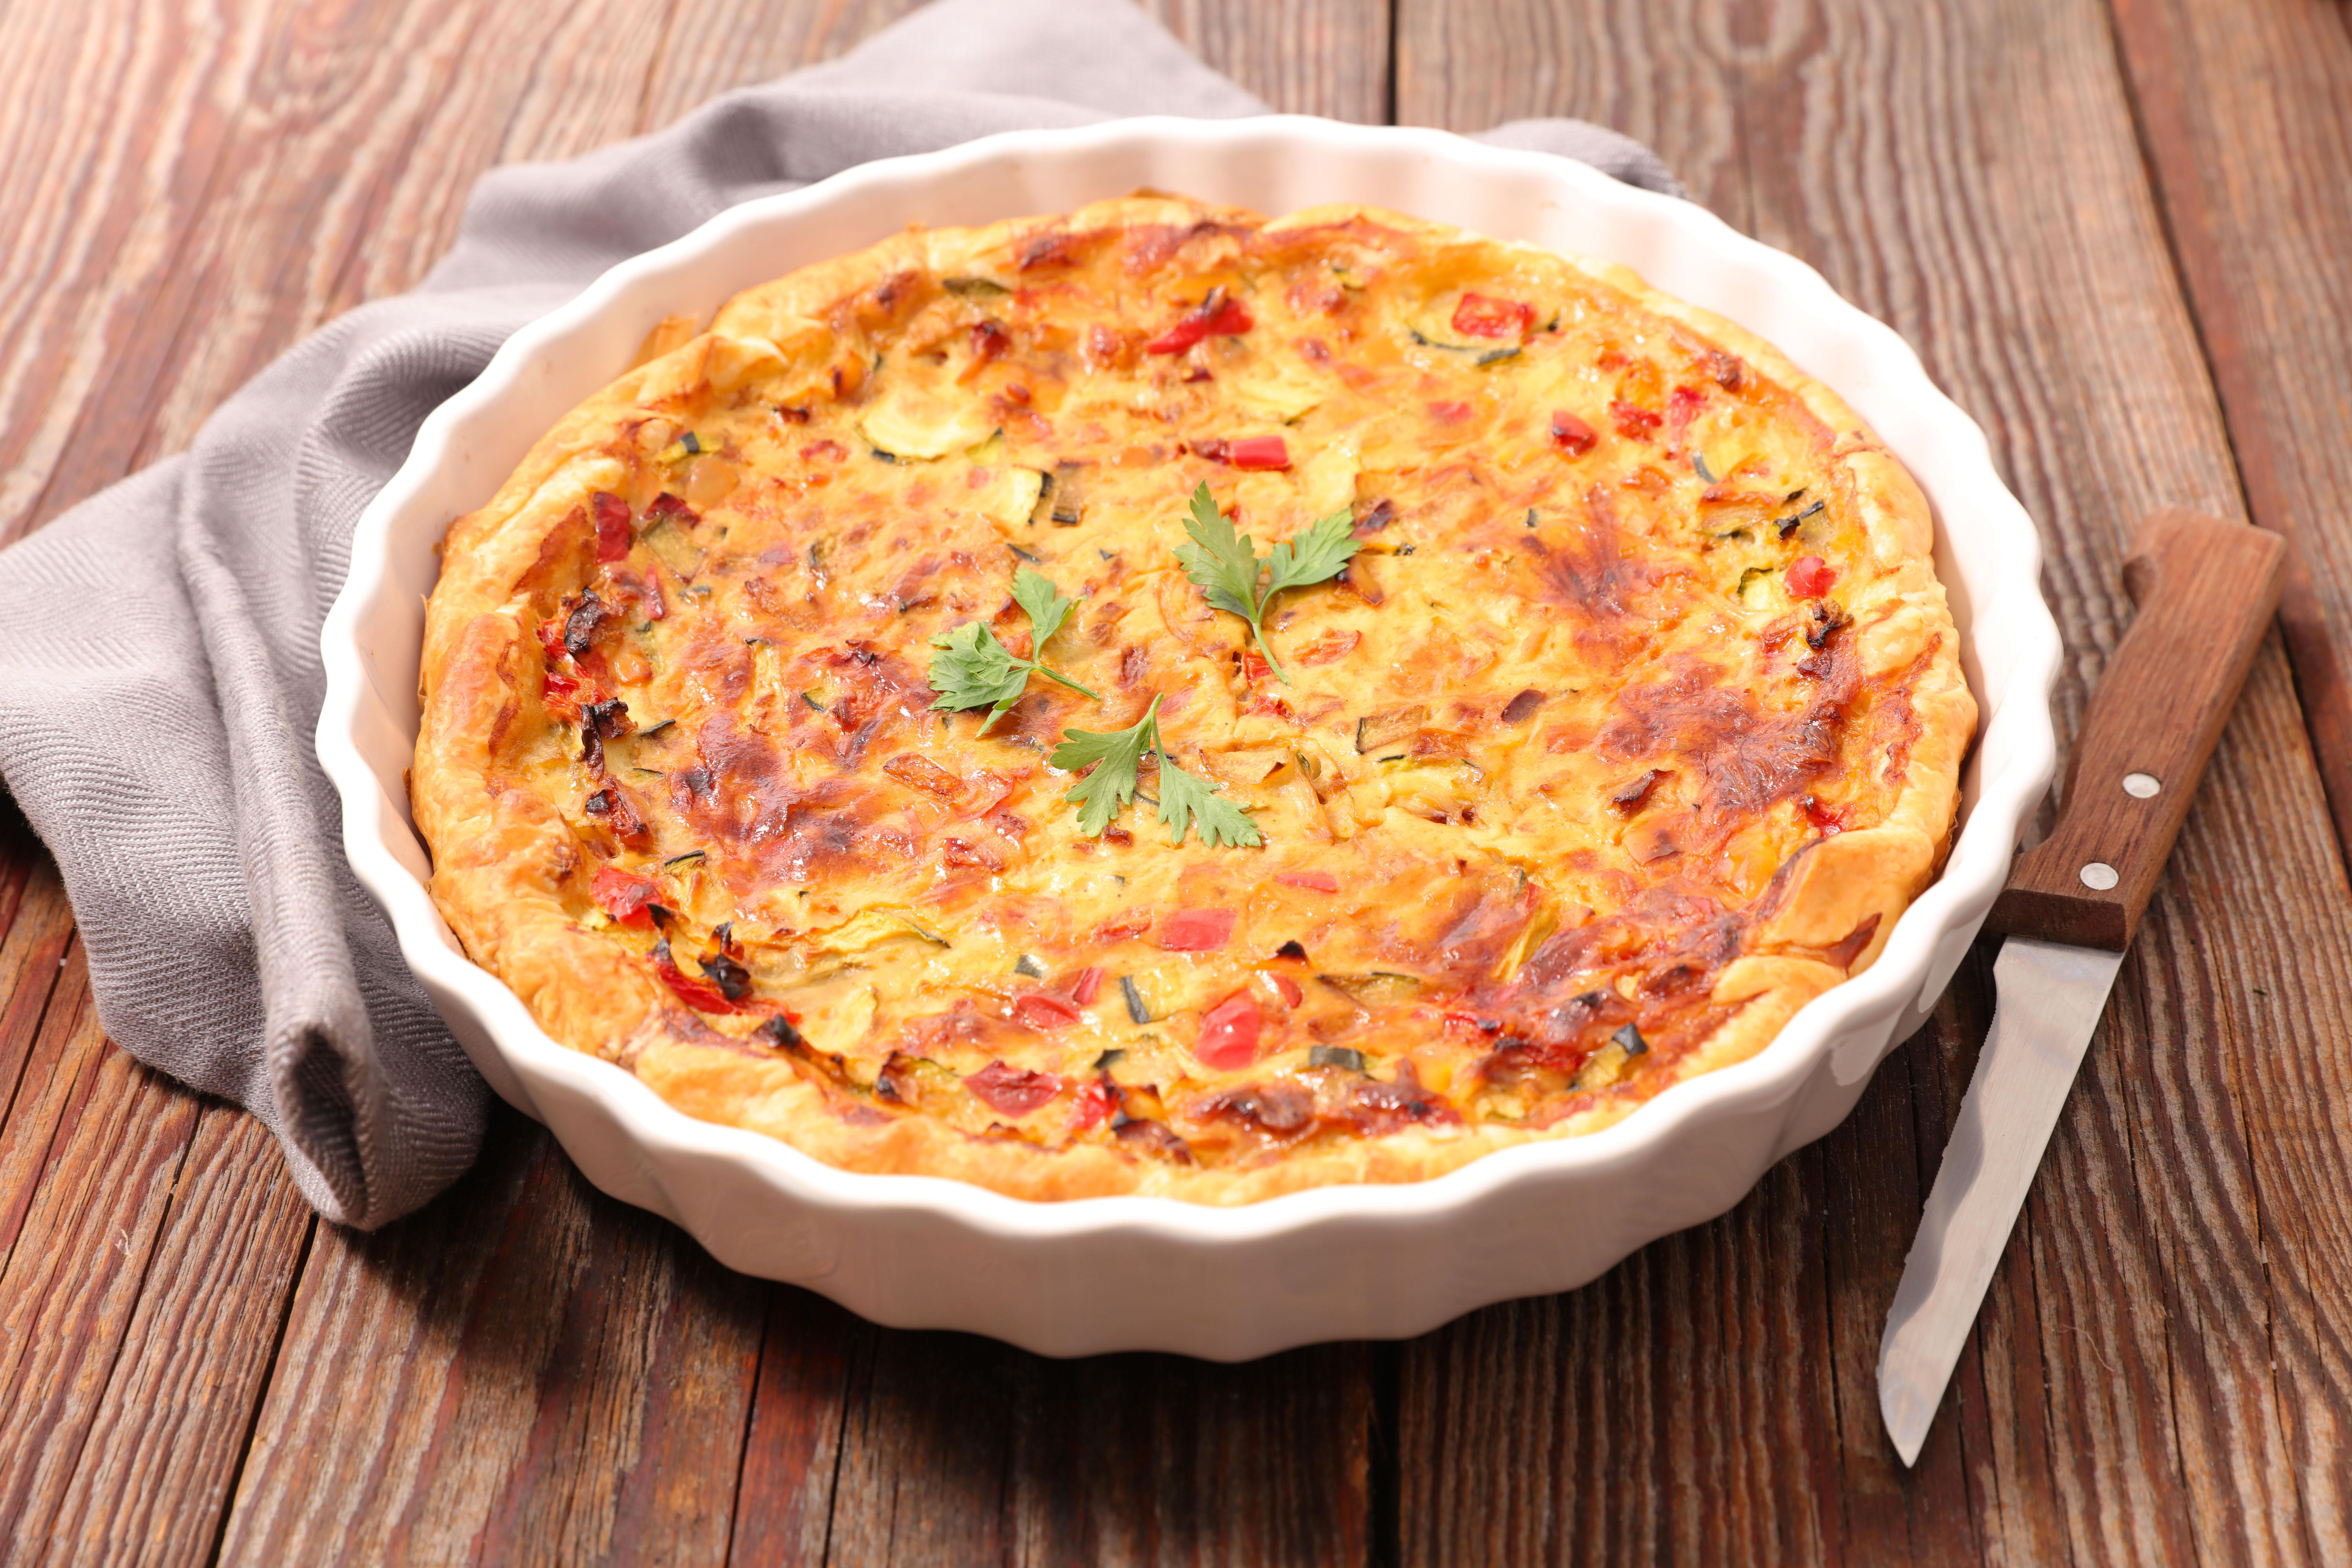 O Quiche Delícia é coringa! Pode ser servido no lanche ou na refeição principal acompanhado de salada verde / GB Imagem